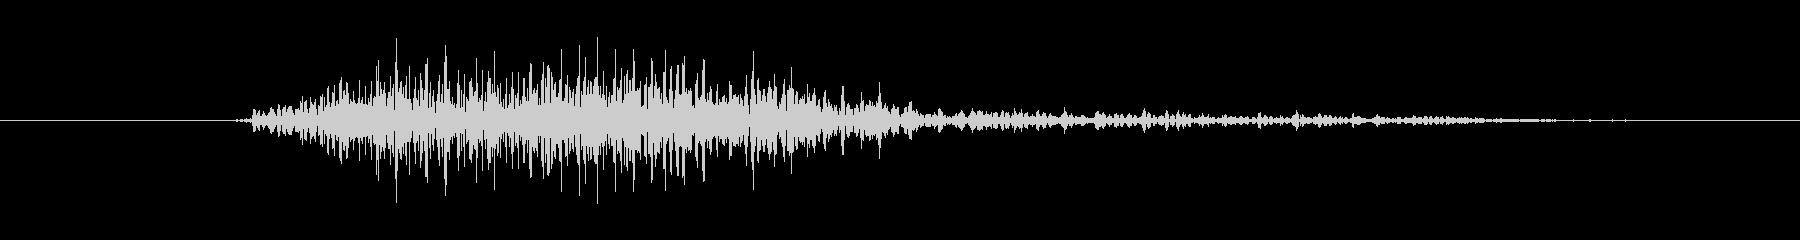 鳴き声 男性コンバットヒットハード09の未再生の波形